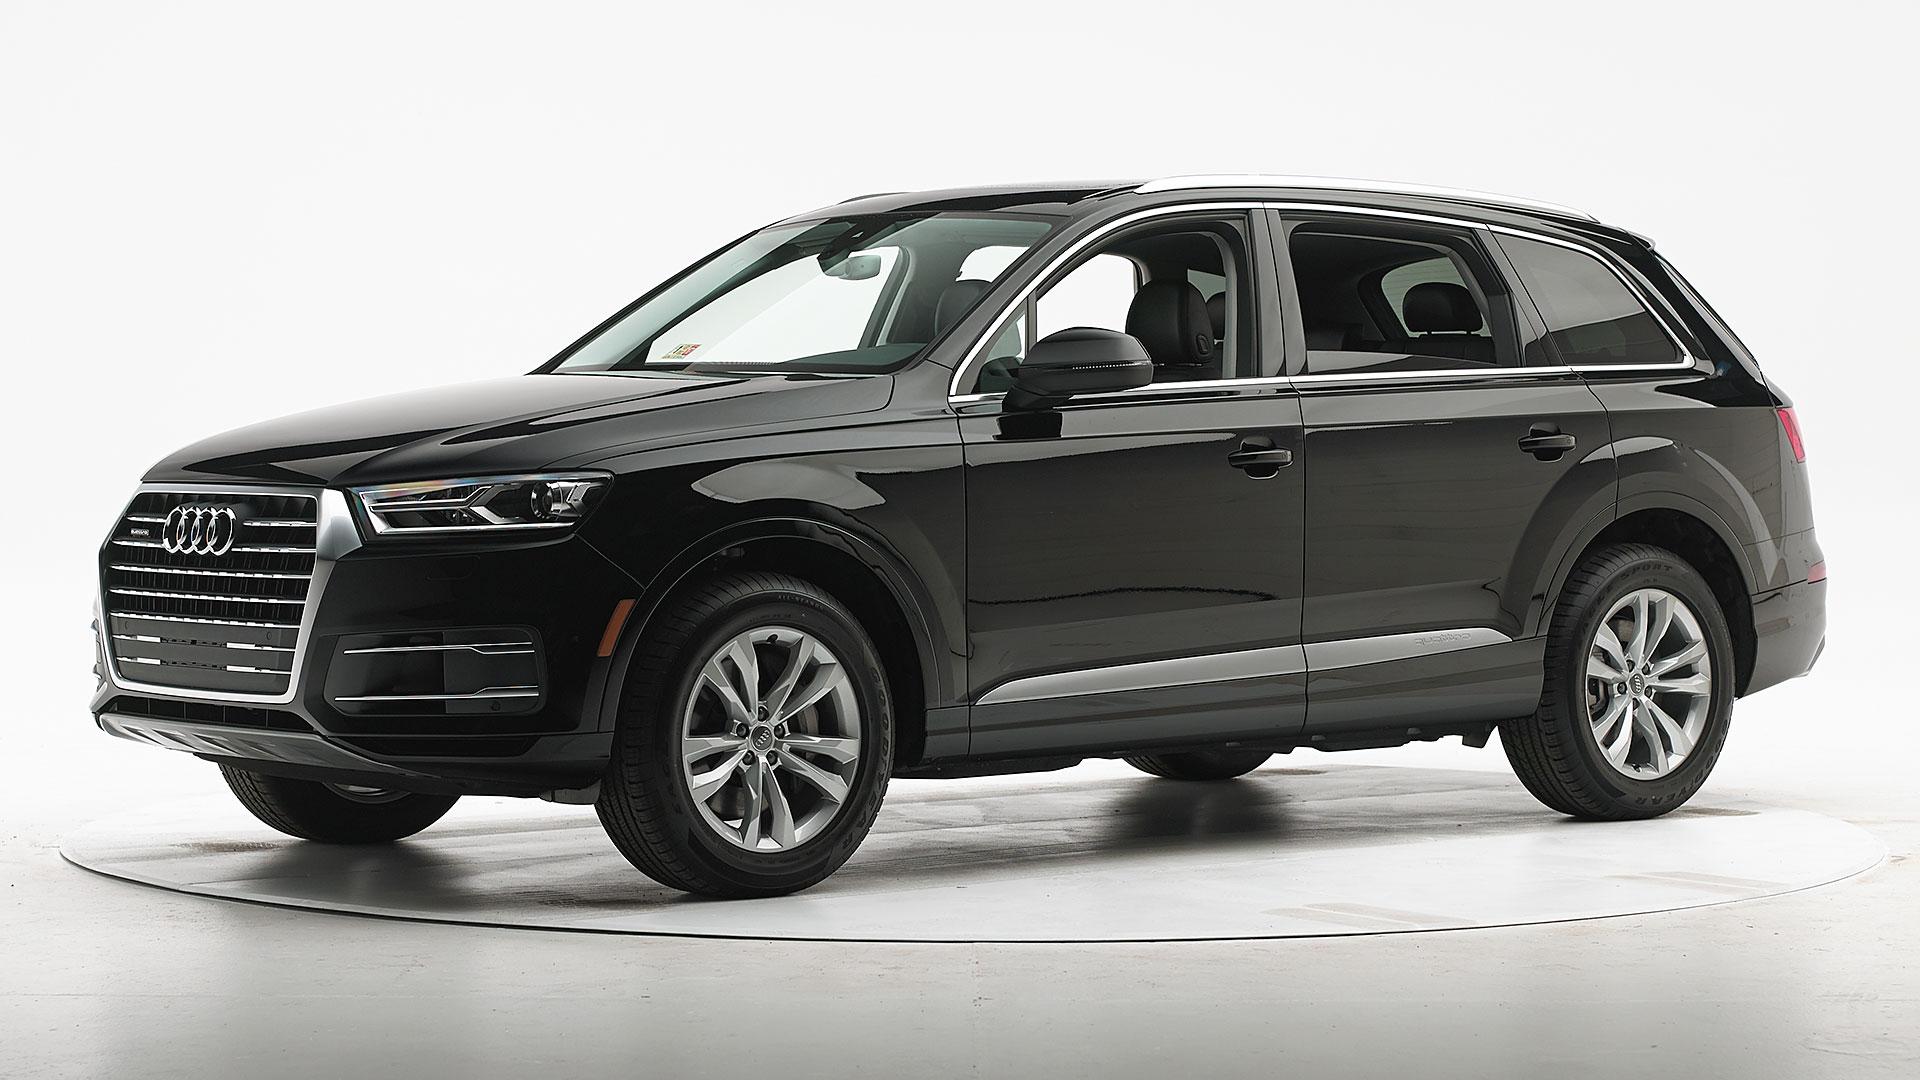 Kelebihan Kekurangan Suv Audi 2019 Review